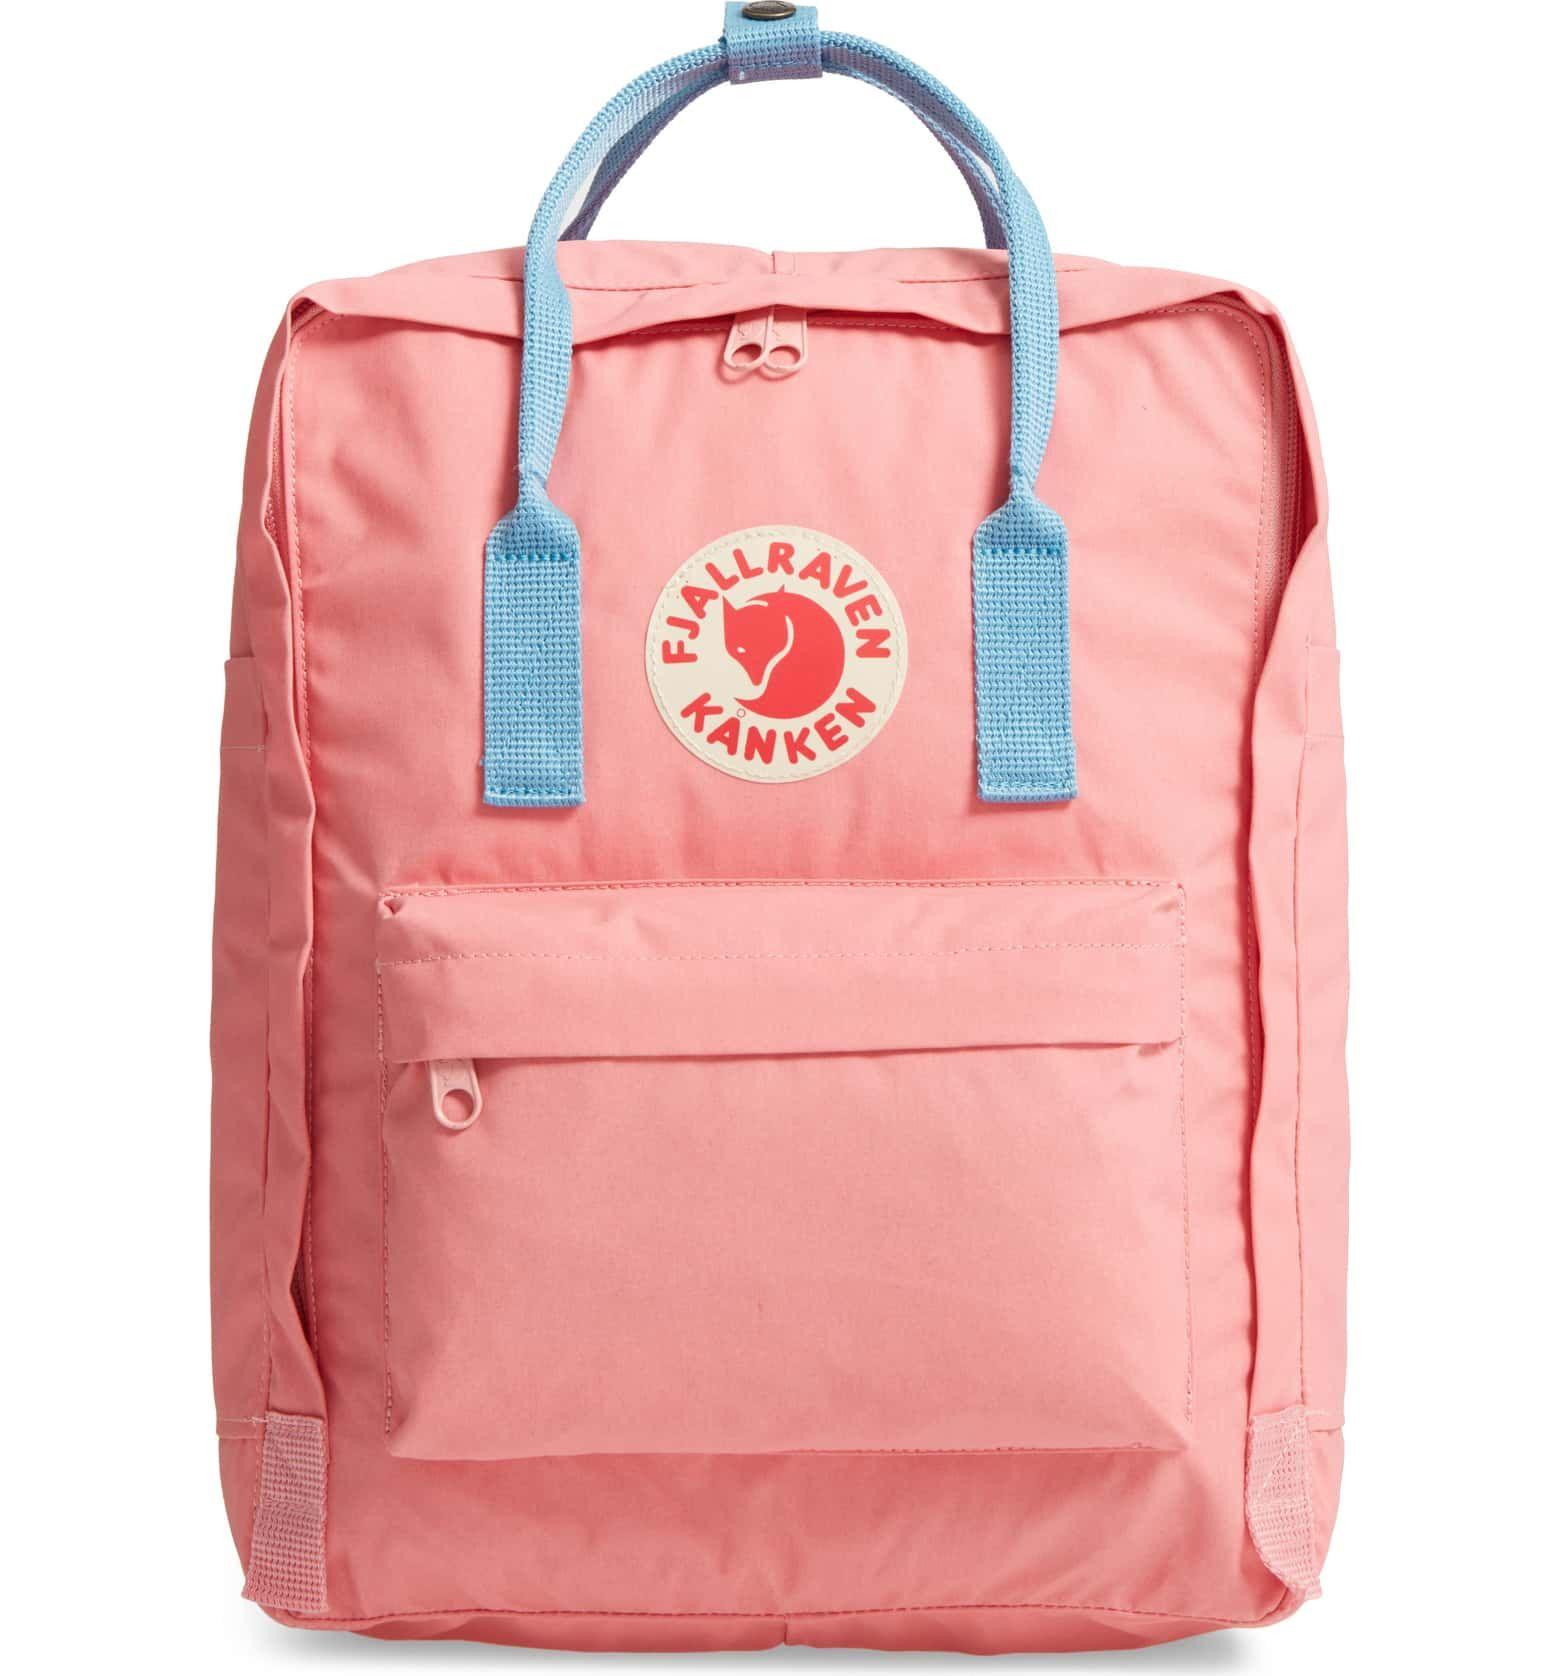 1a32d50af2  Kånken  Water Resistant Backpack